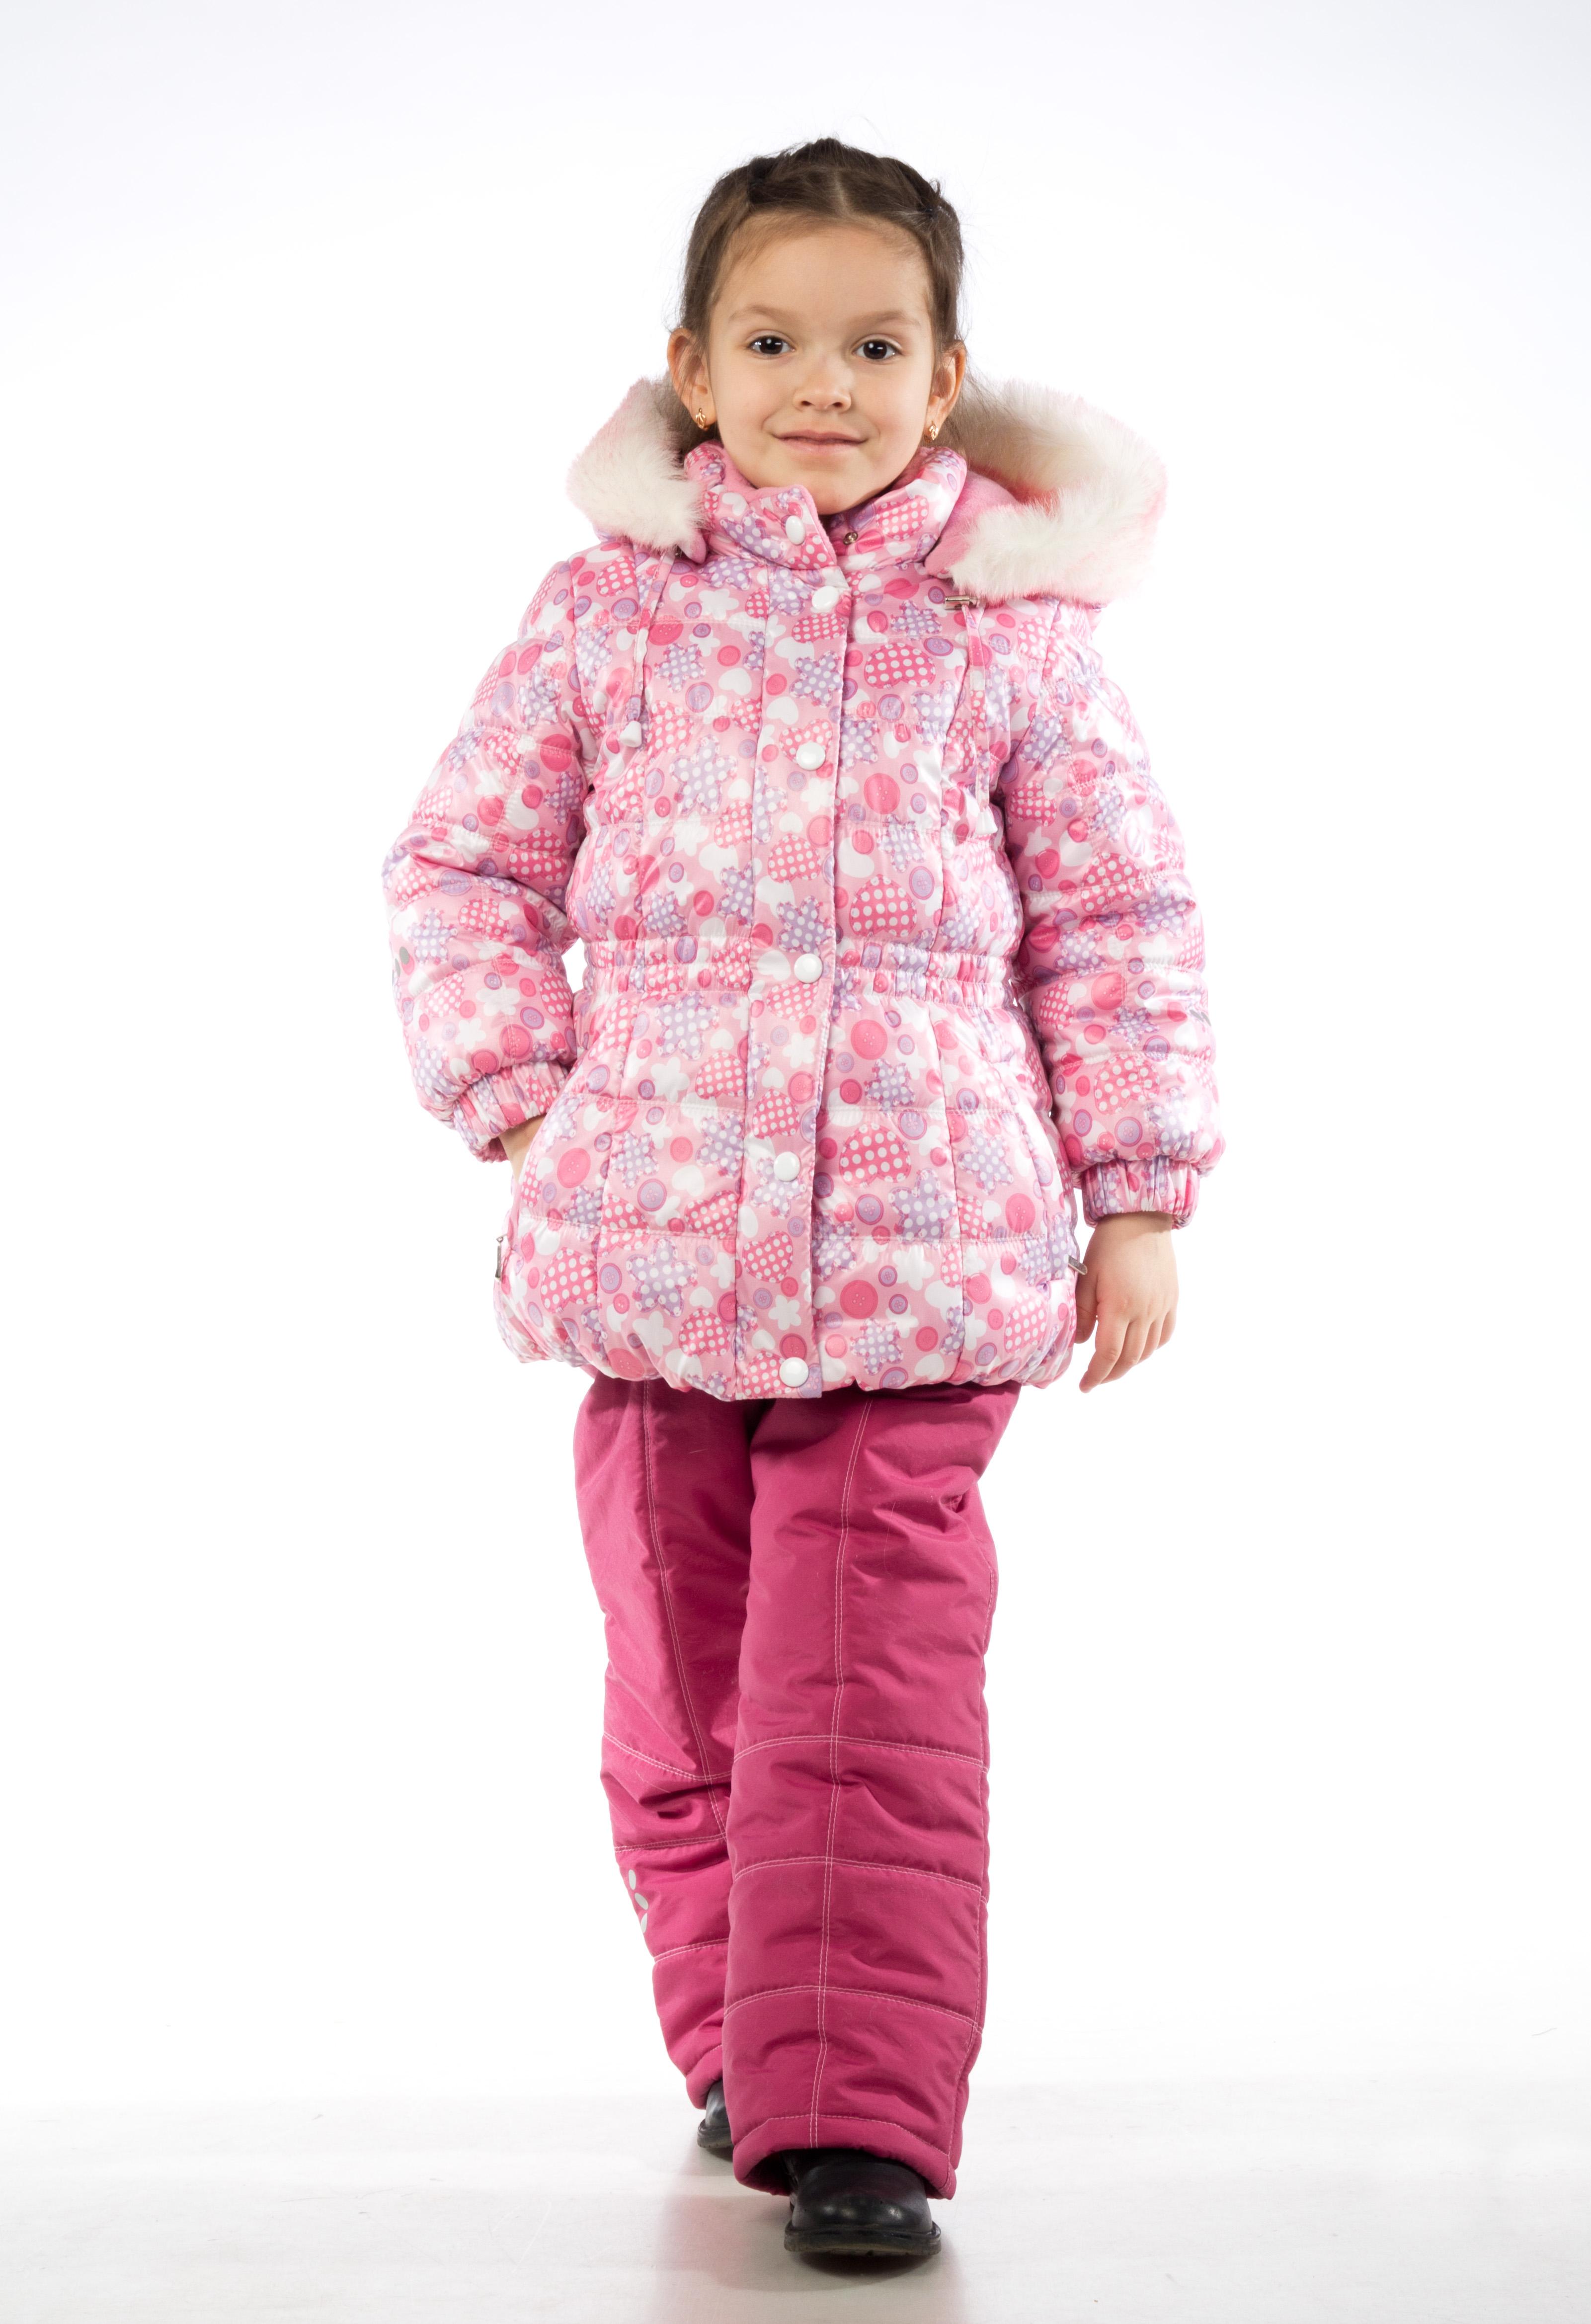 Сбор заказов. SAIMA - верхняя одежда для детей и подростков по отличным ценам! Комплекты, брюки, комбинезоны